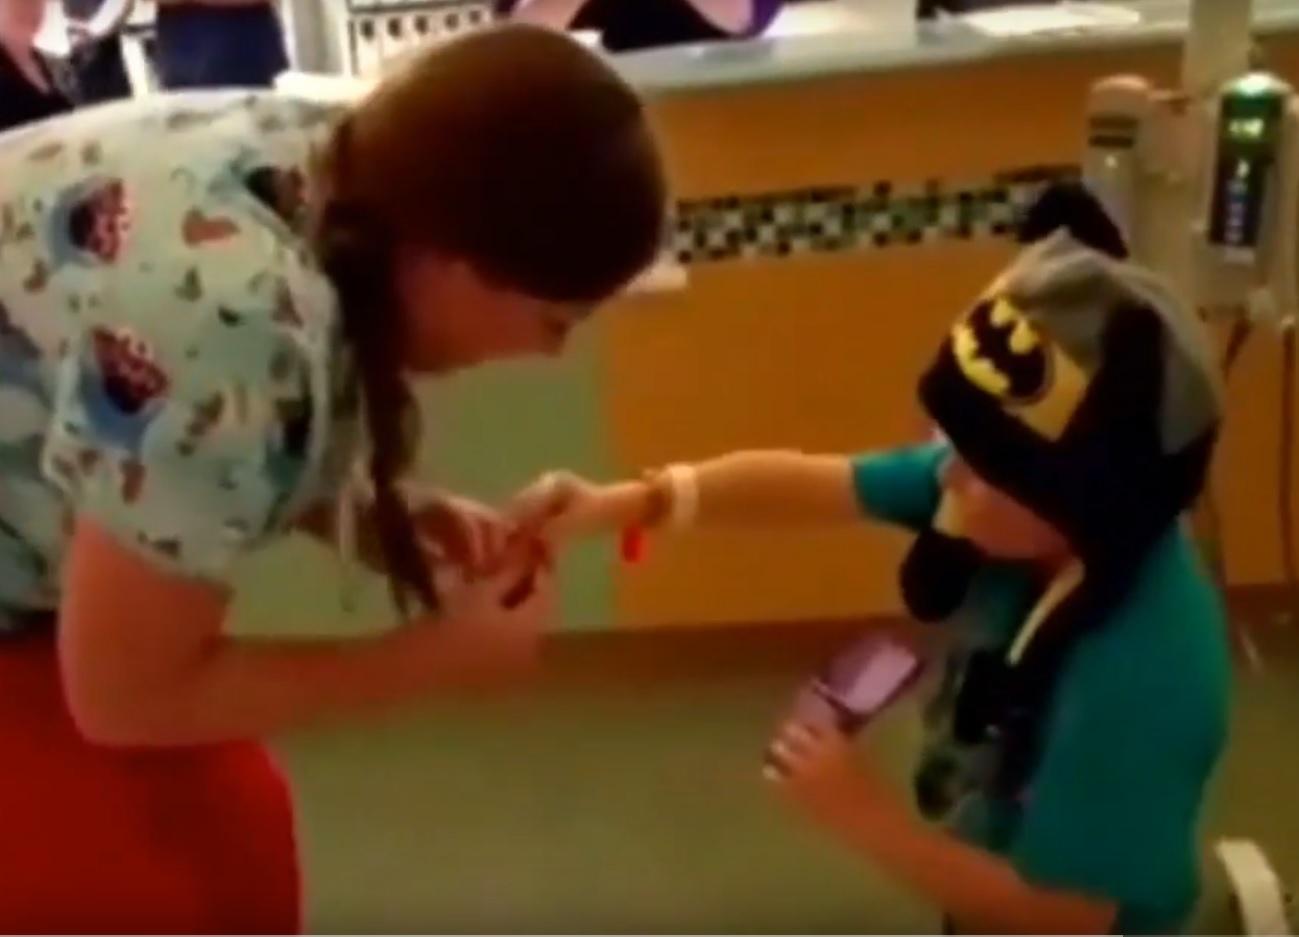 VIDEO: DJEČAK SE ZALJUBIO - Petogodišnjak zaprosio medicinsku sestru 2